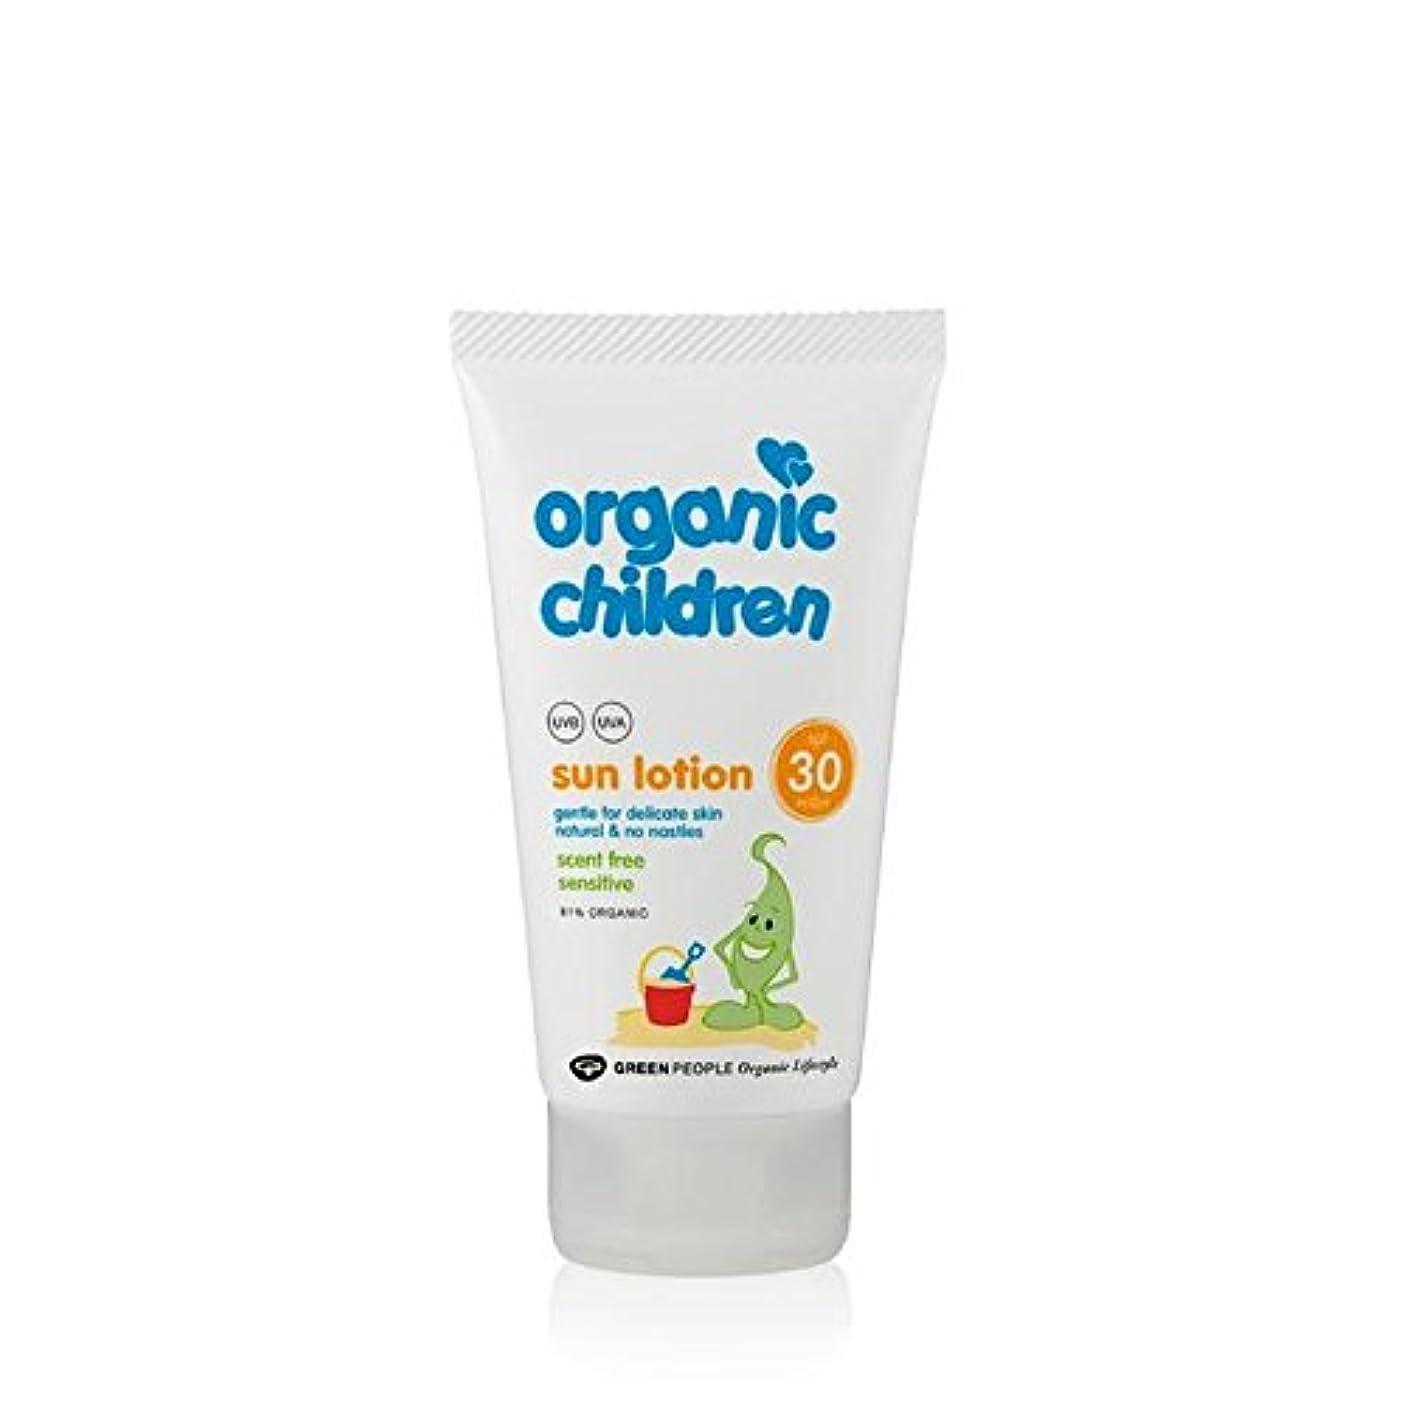 地上の気まぐれな延ばす有機子ども30の香り無料のサンローション150 x2 - Organic Children SPF30 Scent Free Sun Lotion 150ml (Pack of 2) [並行輸入品]